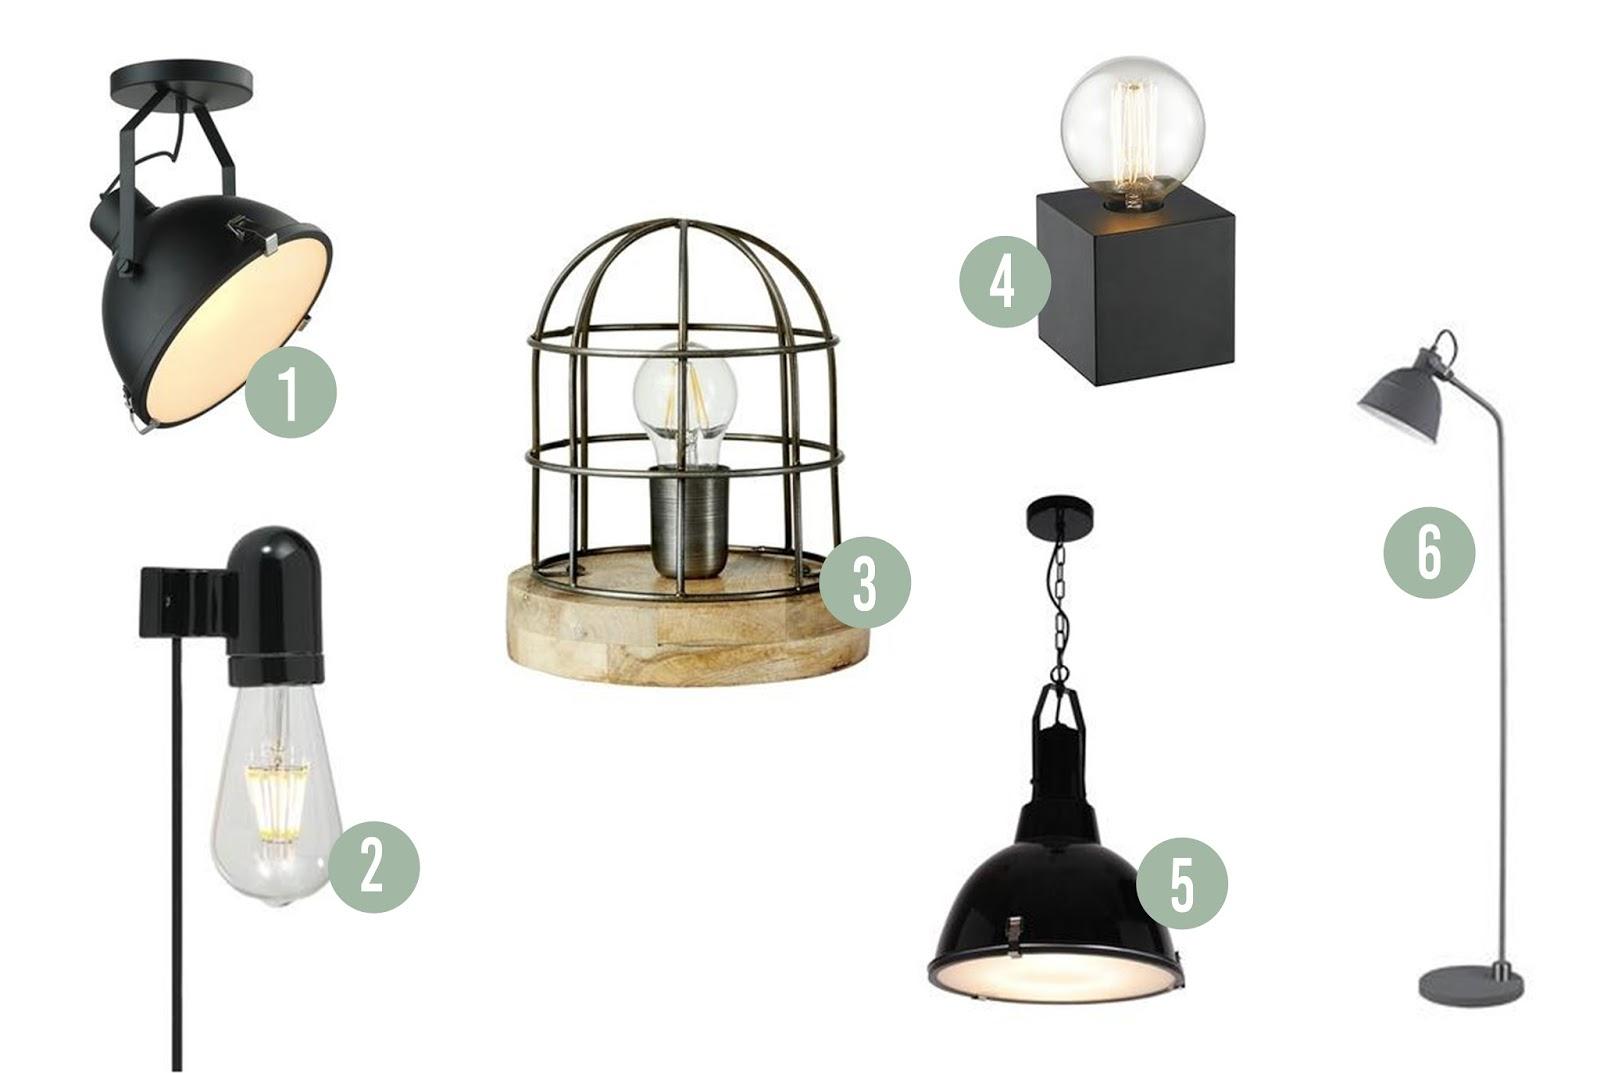 inspiratie industri le lampen van karwei onder de 100